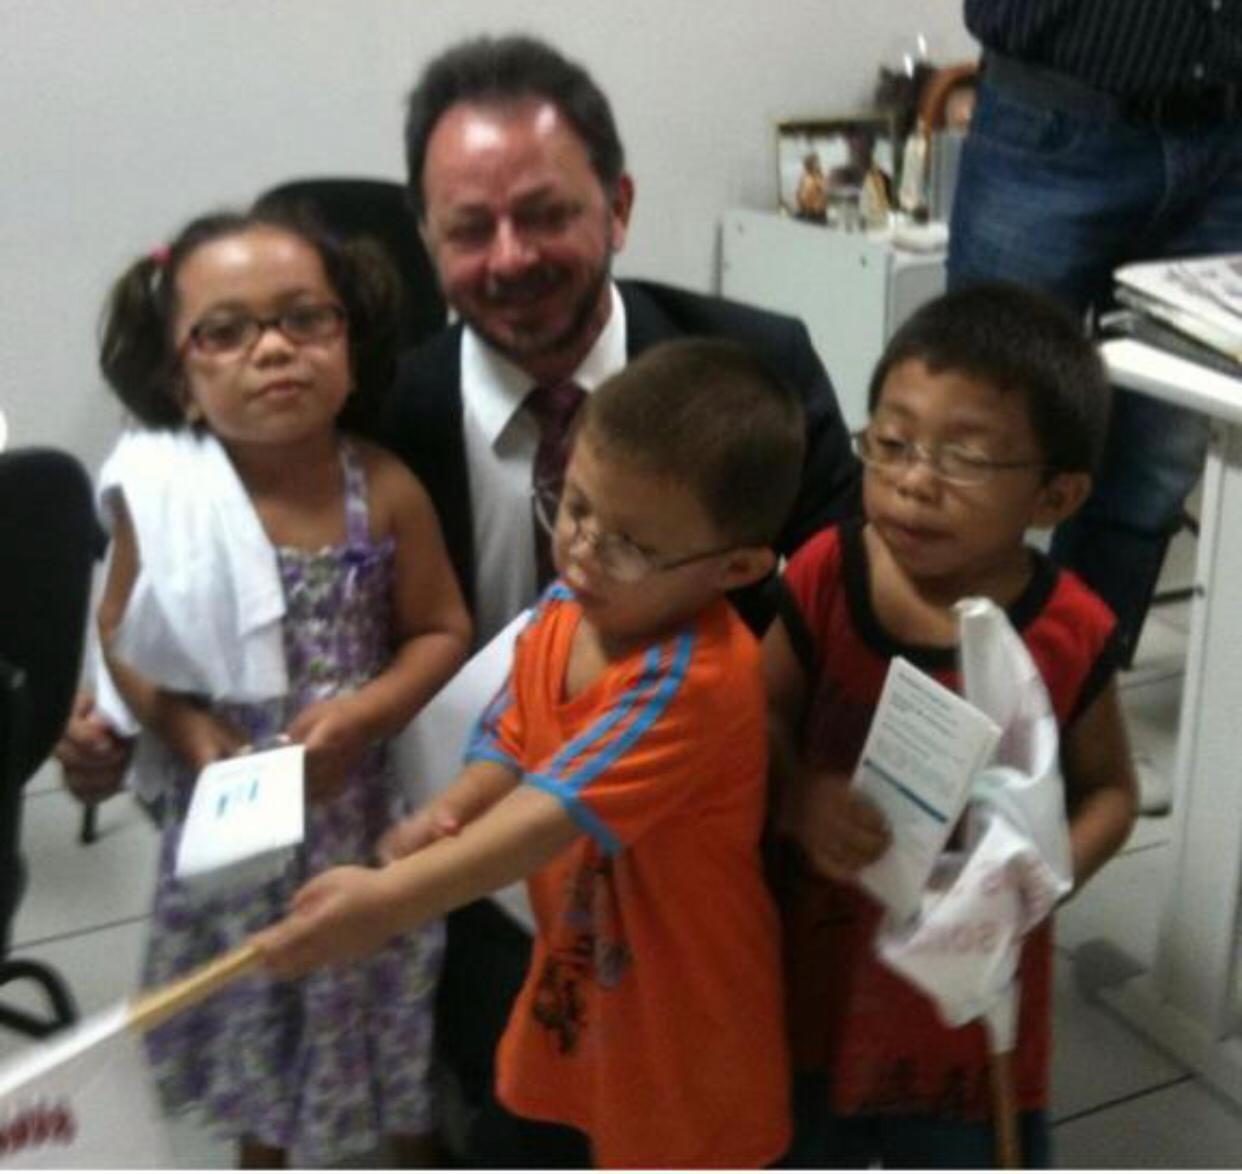 Deputado Acrisio Sena apresenta projeto da obrigatoriedade do Teste do Pezinho em recém-nascidos